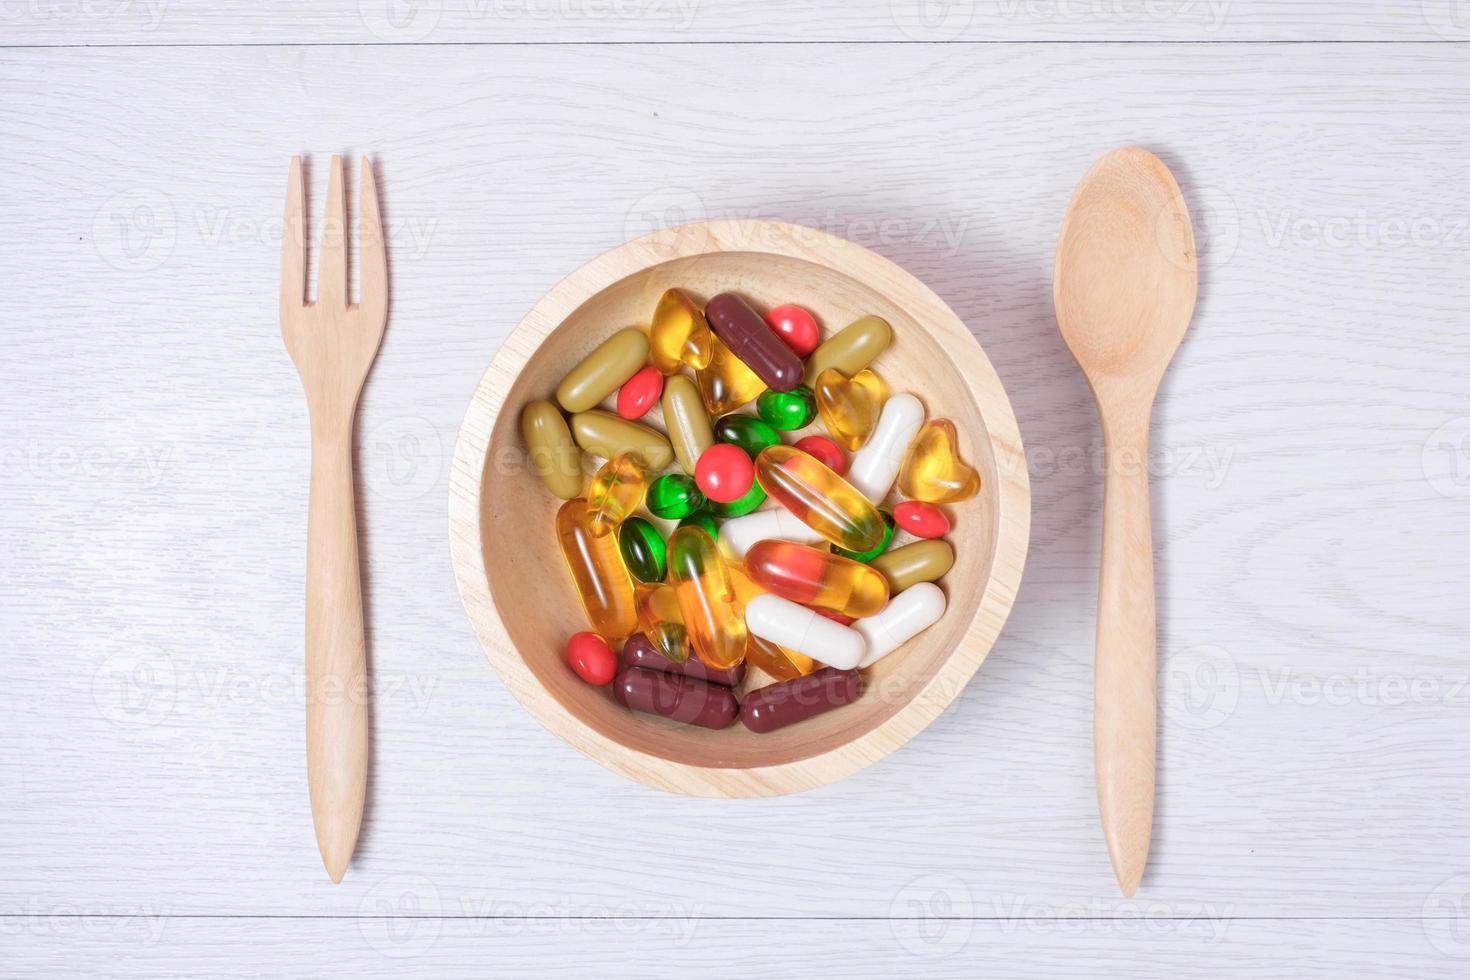 medicina y vitamina en tazón de madera foto